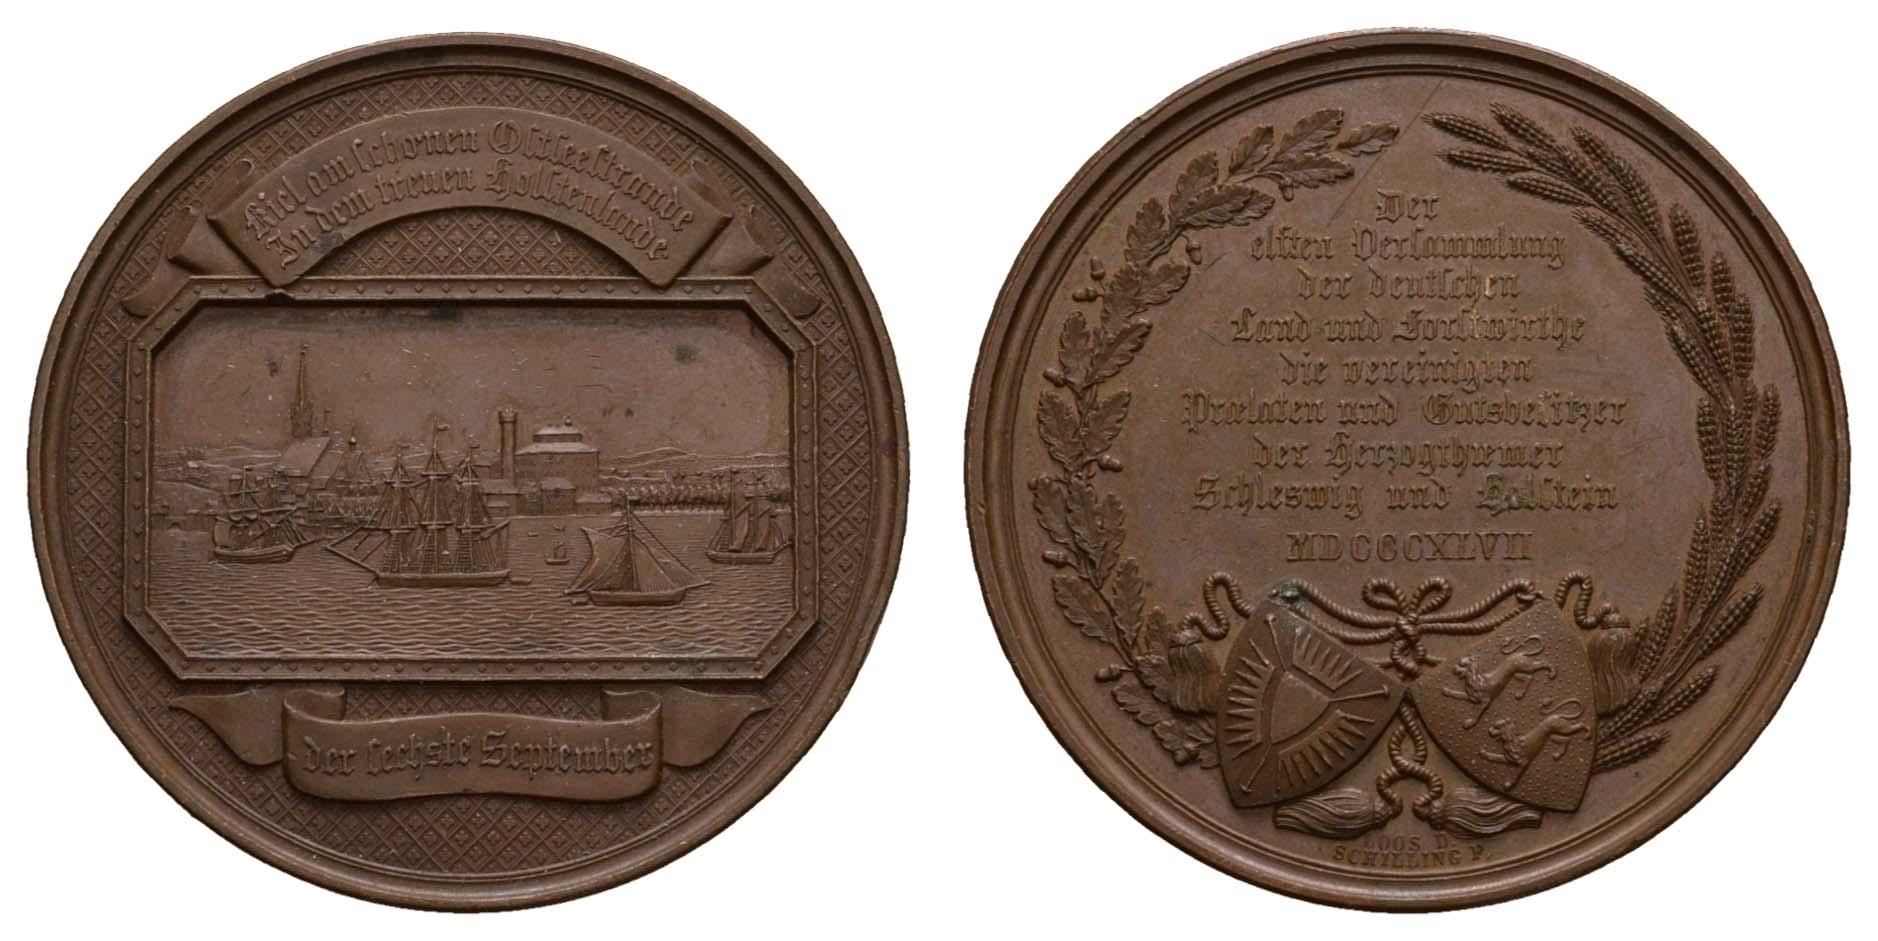 Lot 2216 - medaillen Sonstige Medaillen - Deutschland -  Auktionshaus Ulrich Felzmann GmbH & Co. KG Coins single lots